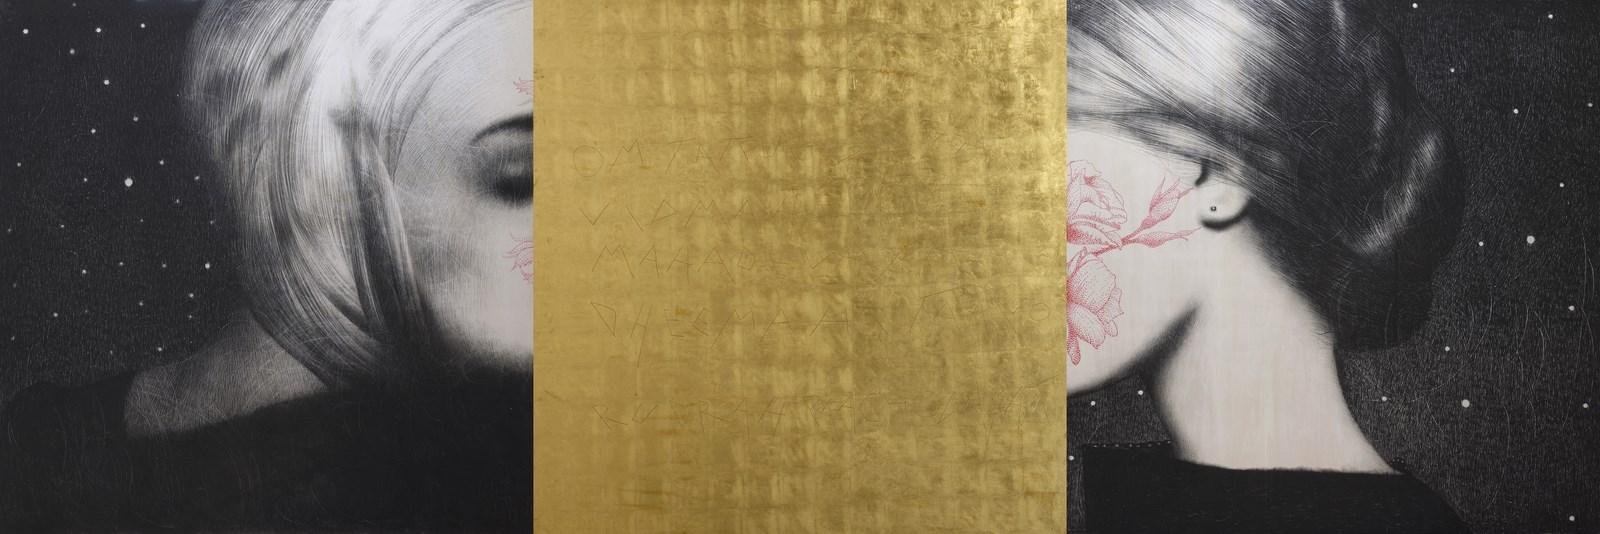 Omar Galliani, Nuovi Mantra, 2015, matita nera su tavola e foglia d'oro, trittico, cm. 150x450